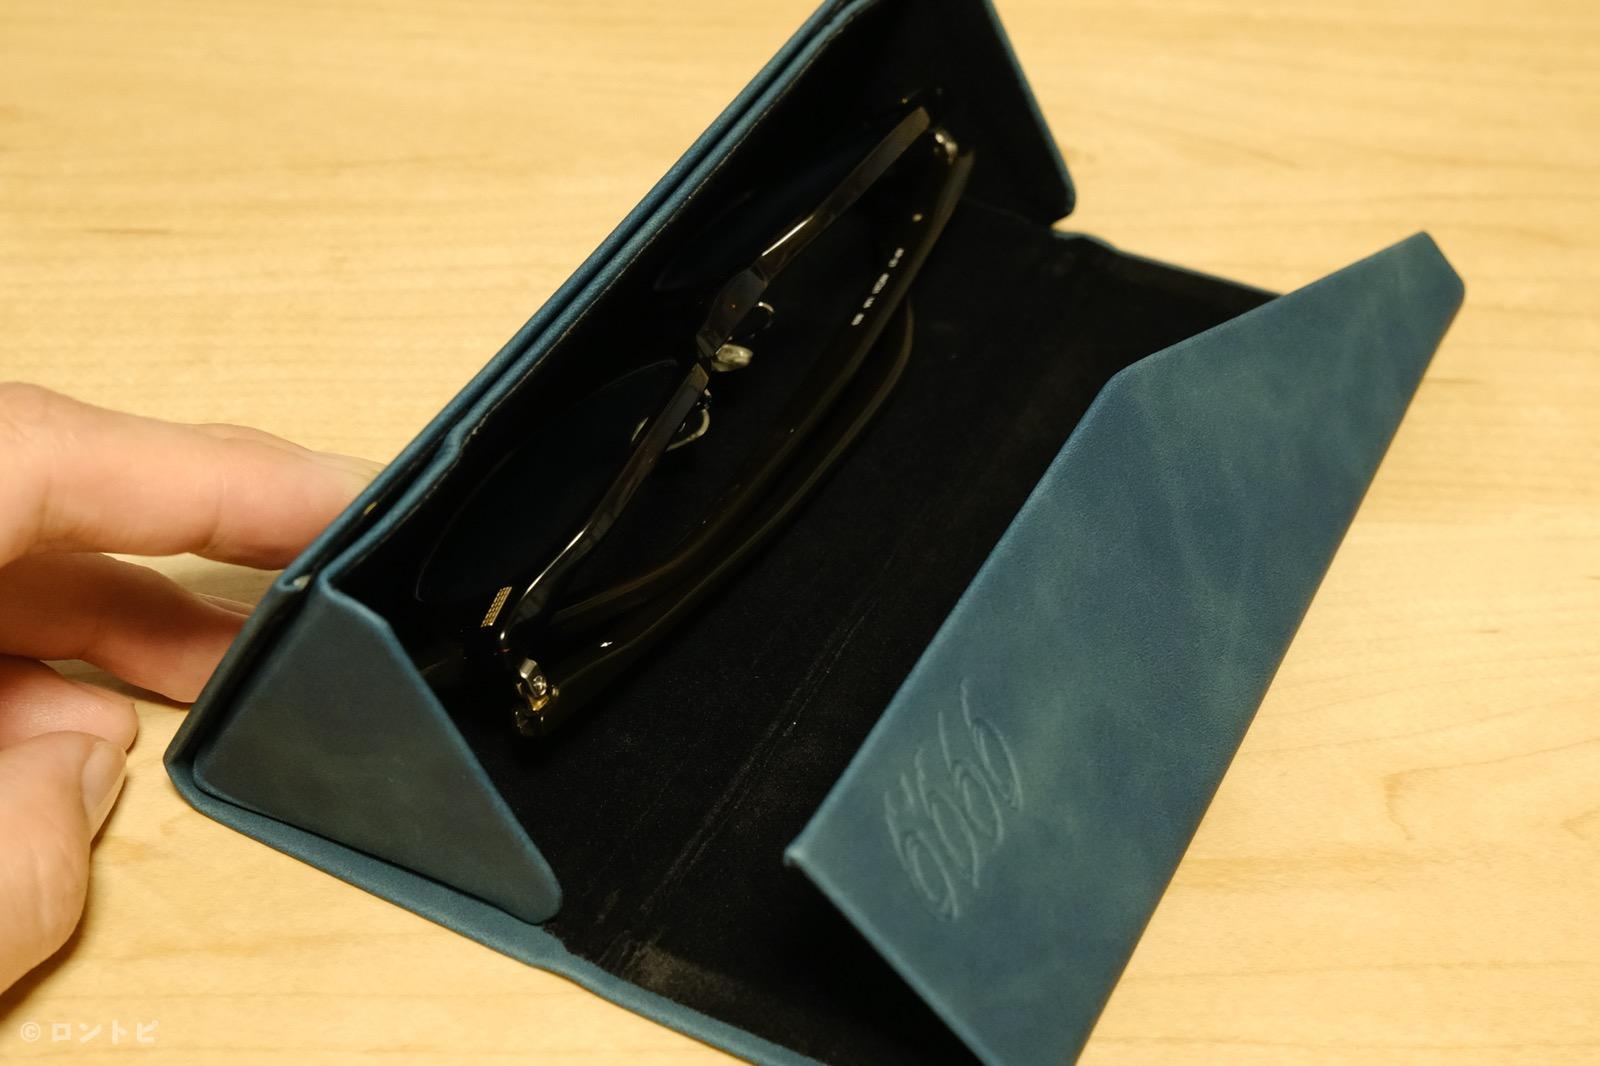 フォーナインズ・オリジナル眼鏡ケース